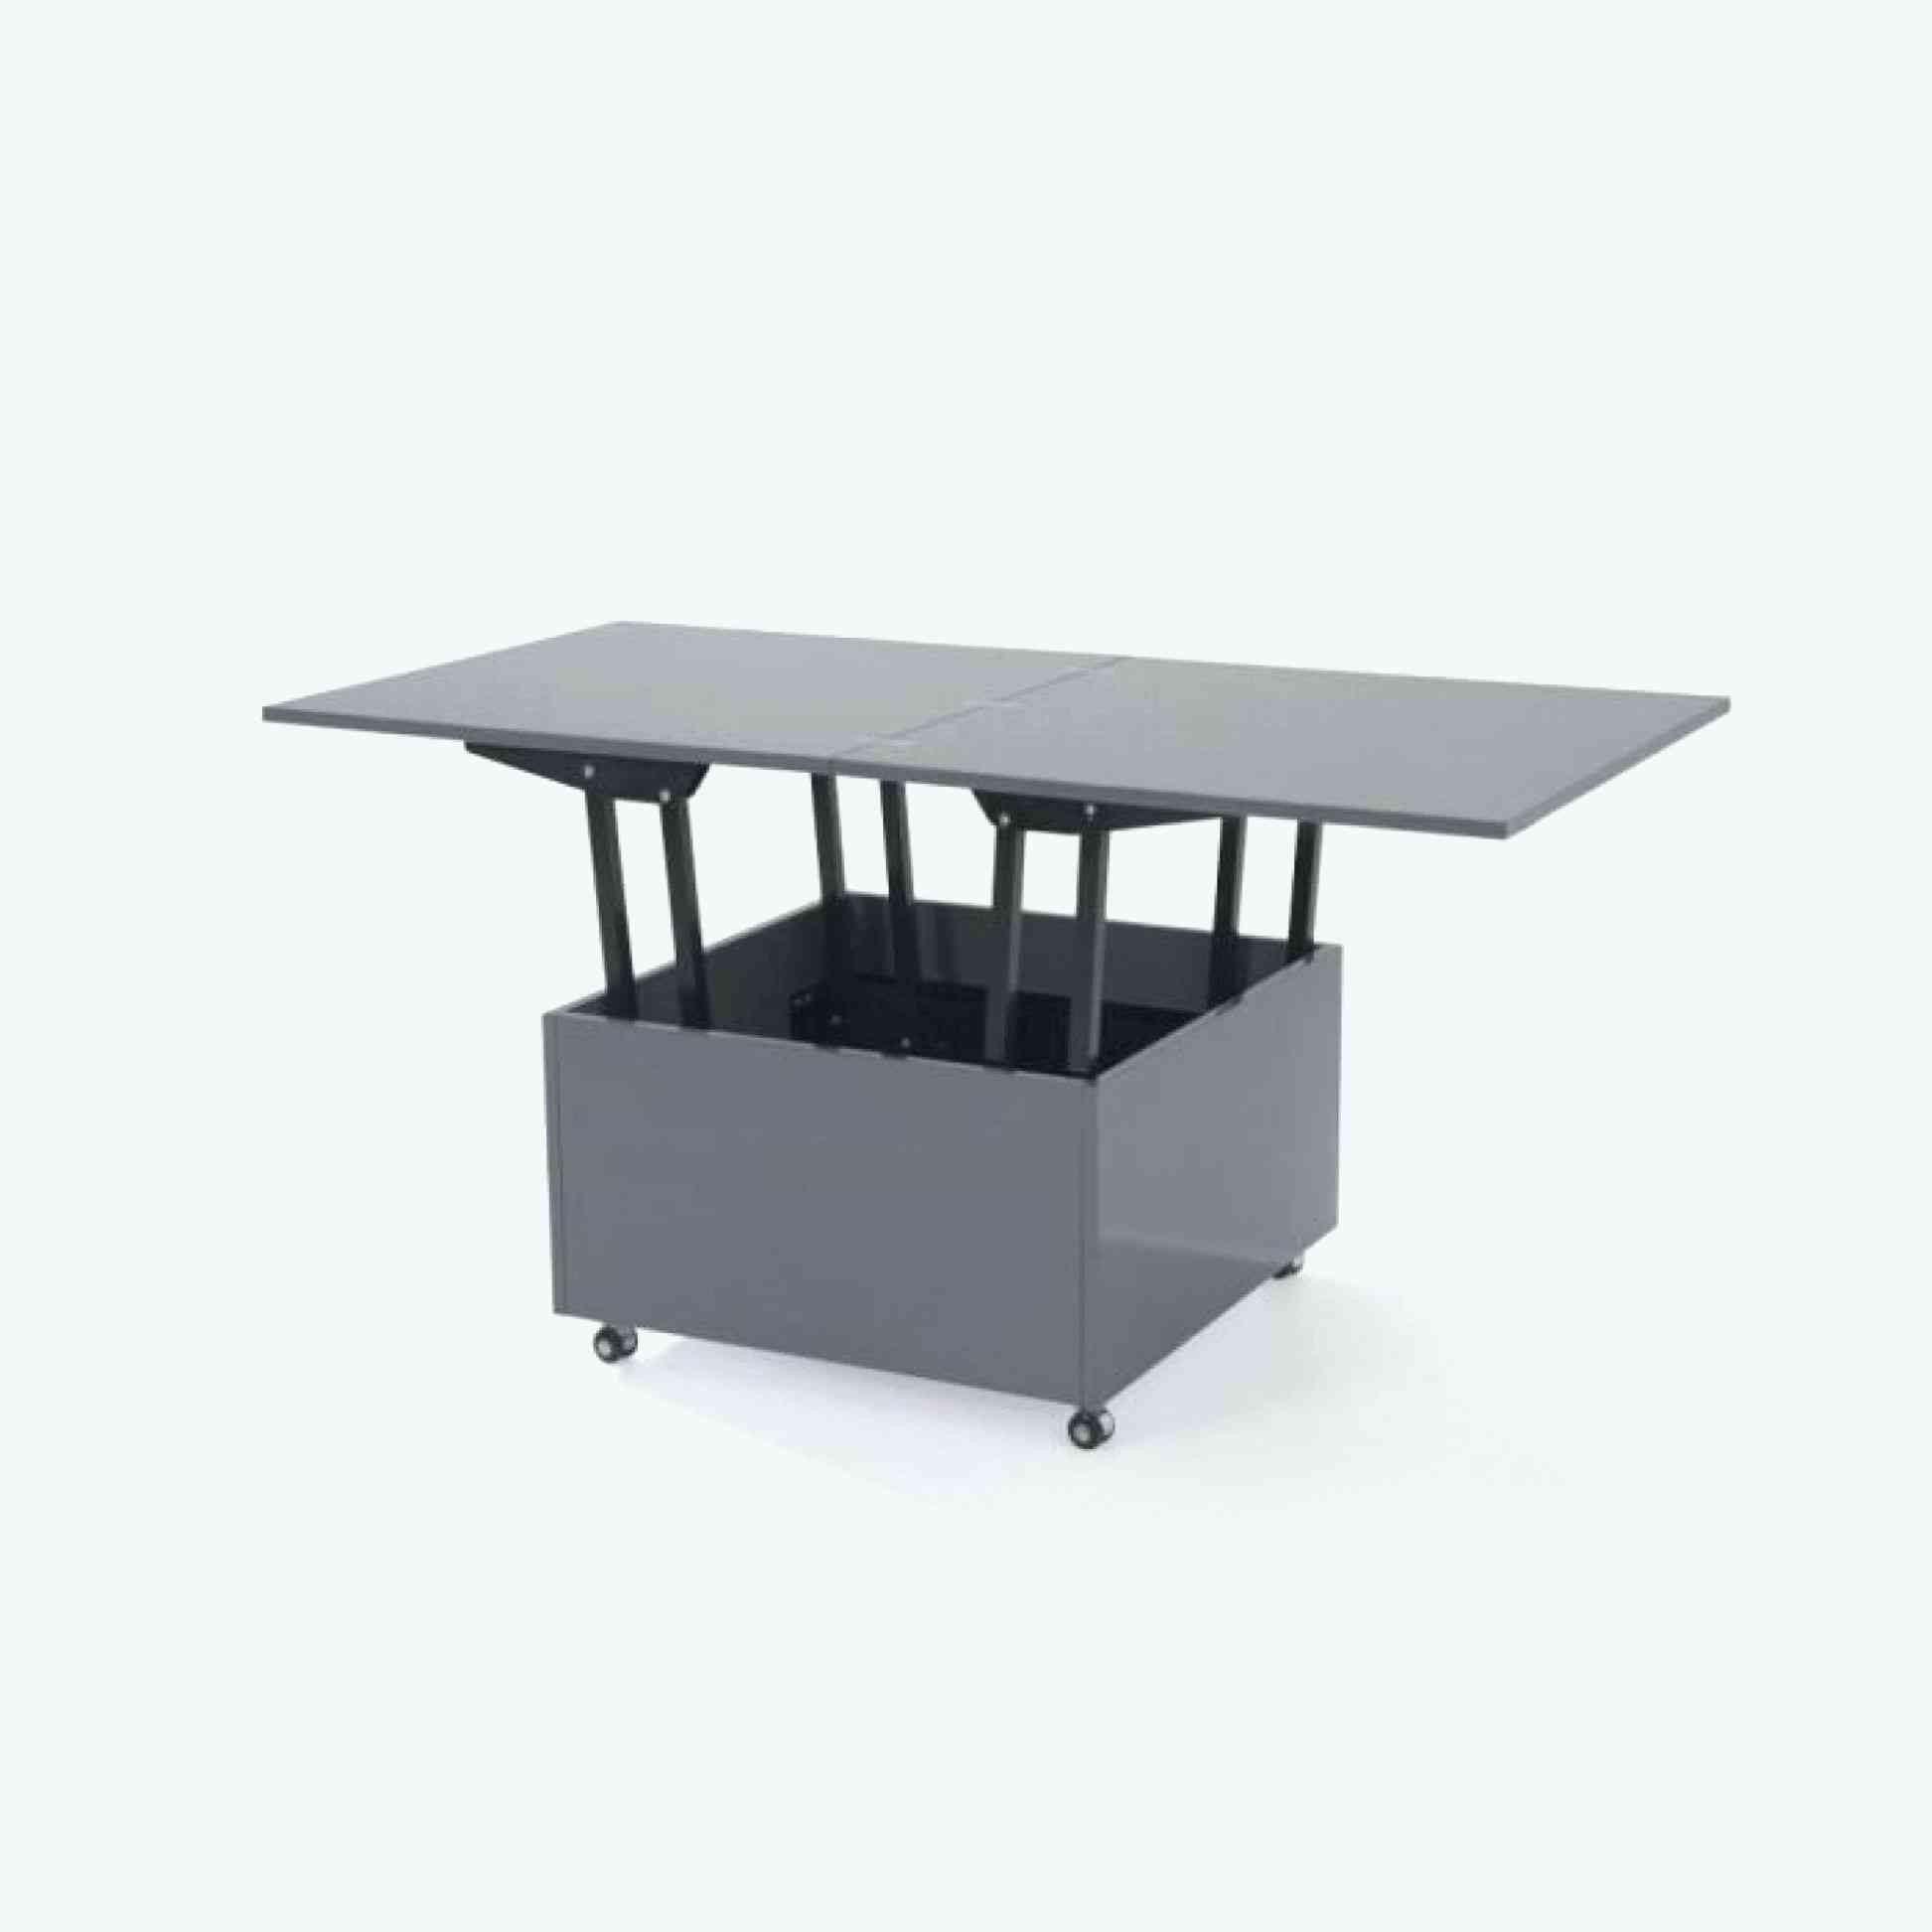 Lit A Barreau Pas Cher Le Luxe Frais Fascinant Table 6 Chaises Pas Cher Avec Chaise Barreaux